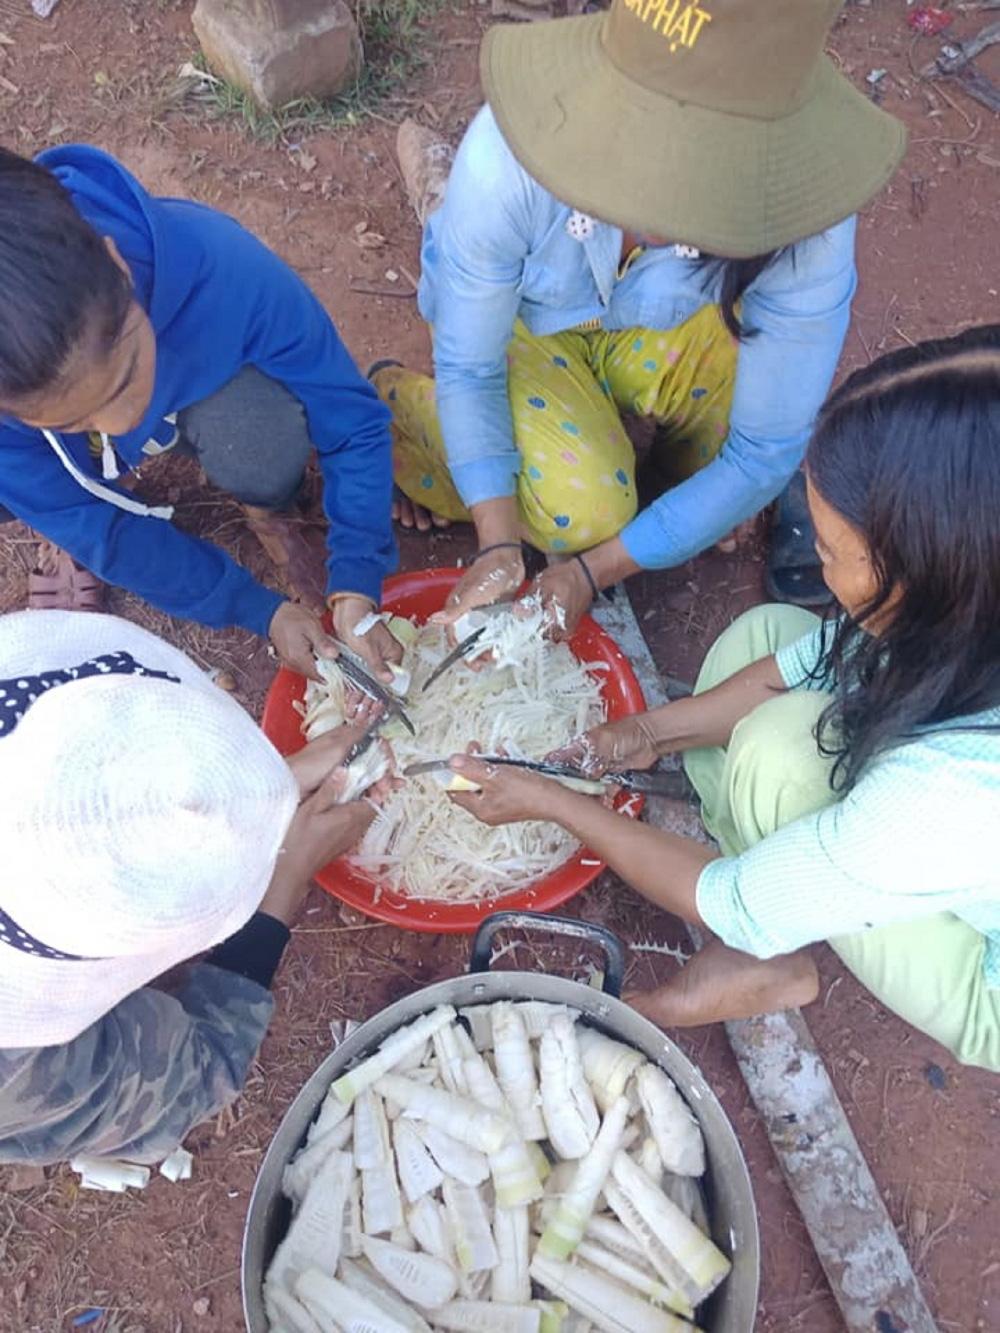 Quảng Nam: Ngôi chợ lạ ở huyện biên giới Tây Giang gi gỉ gì gi cái gì cũng bán giá 5 ngàn - Ảnh 5.